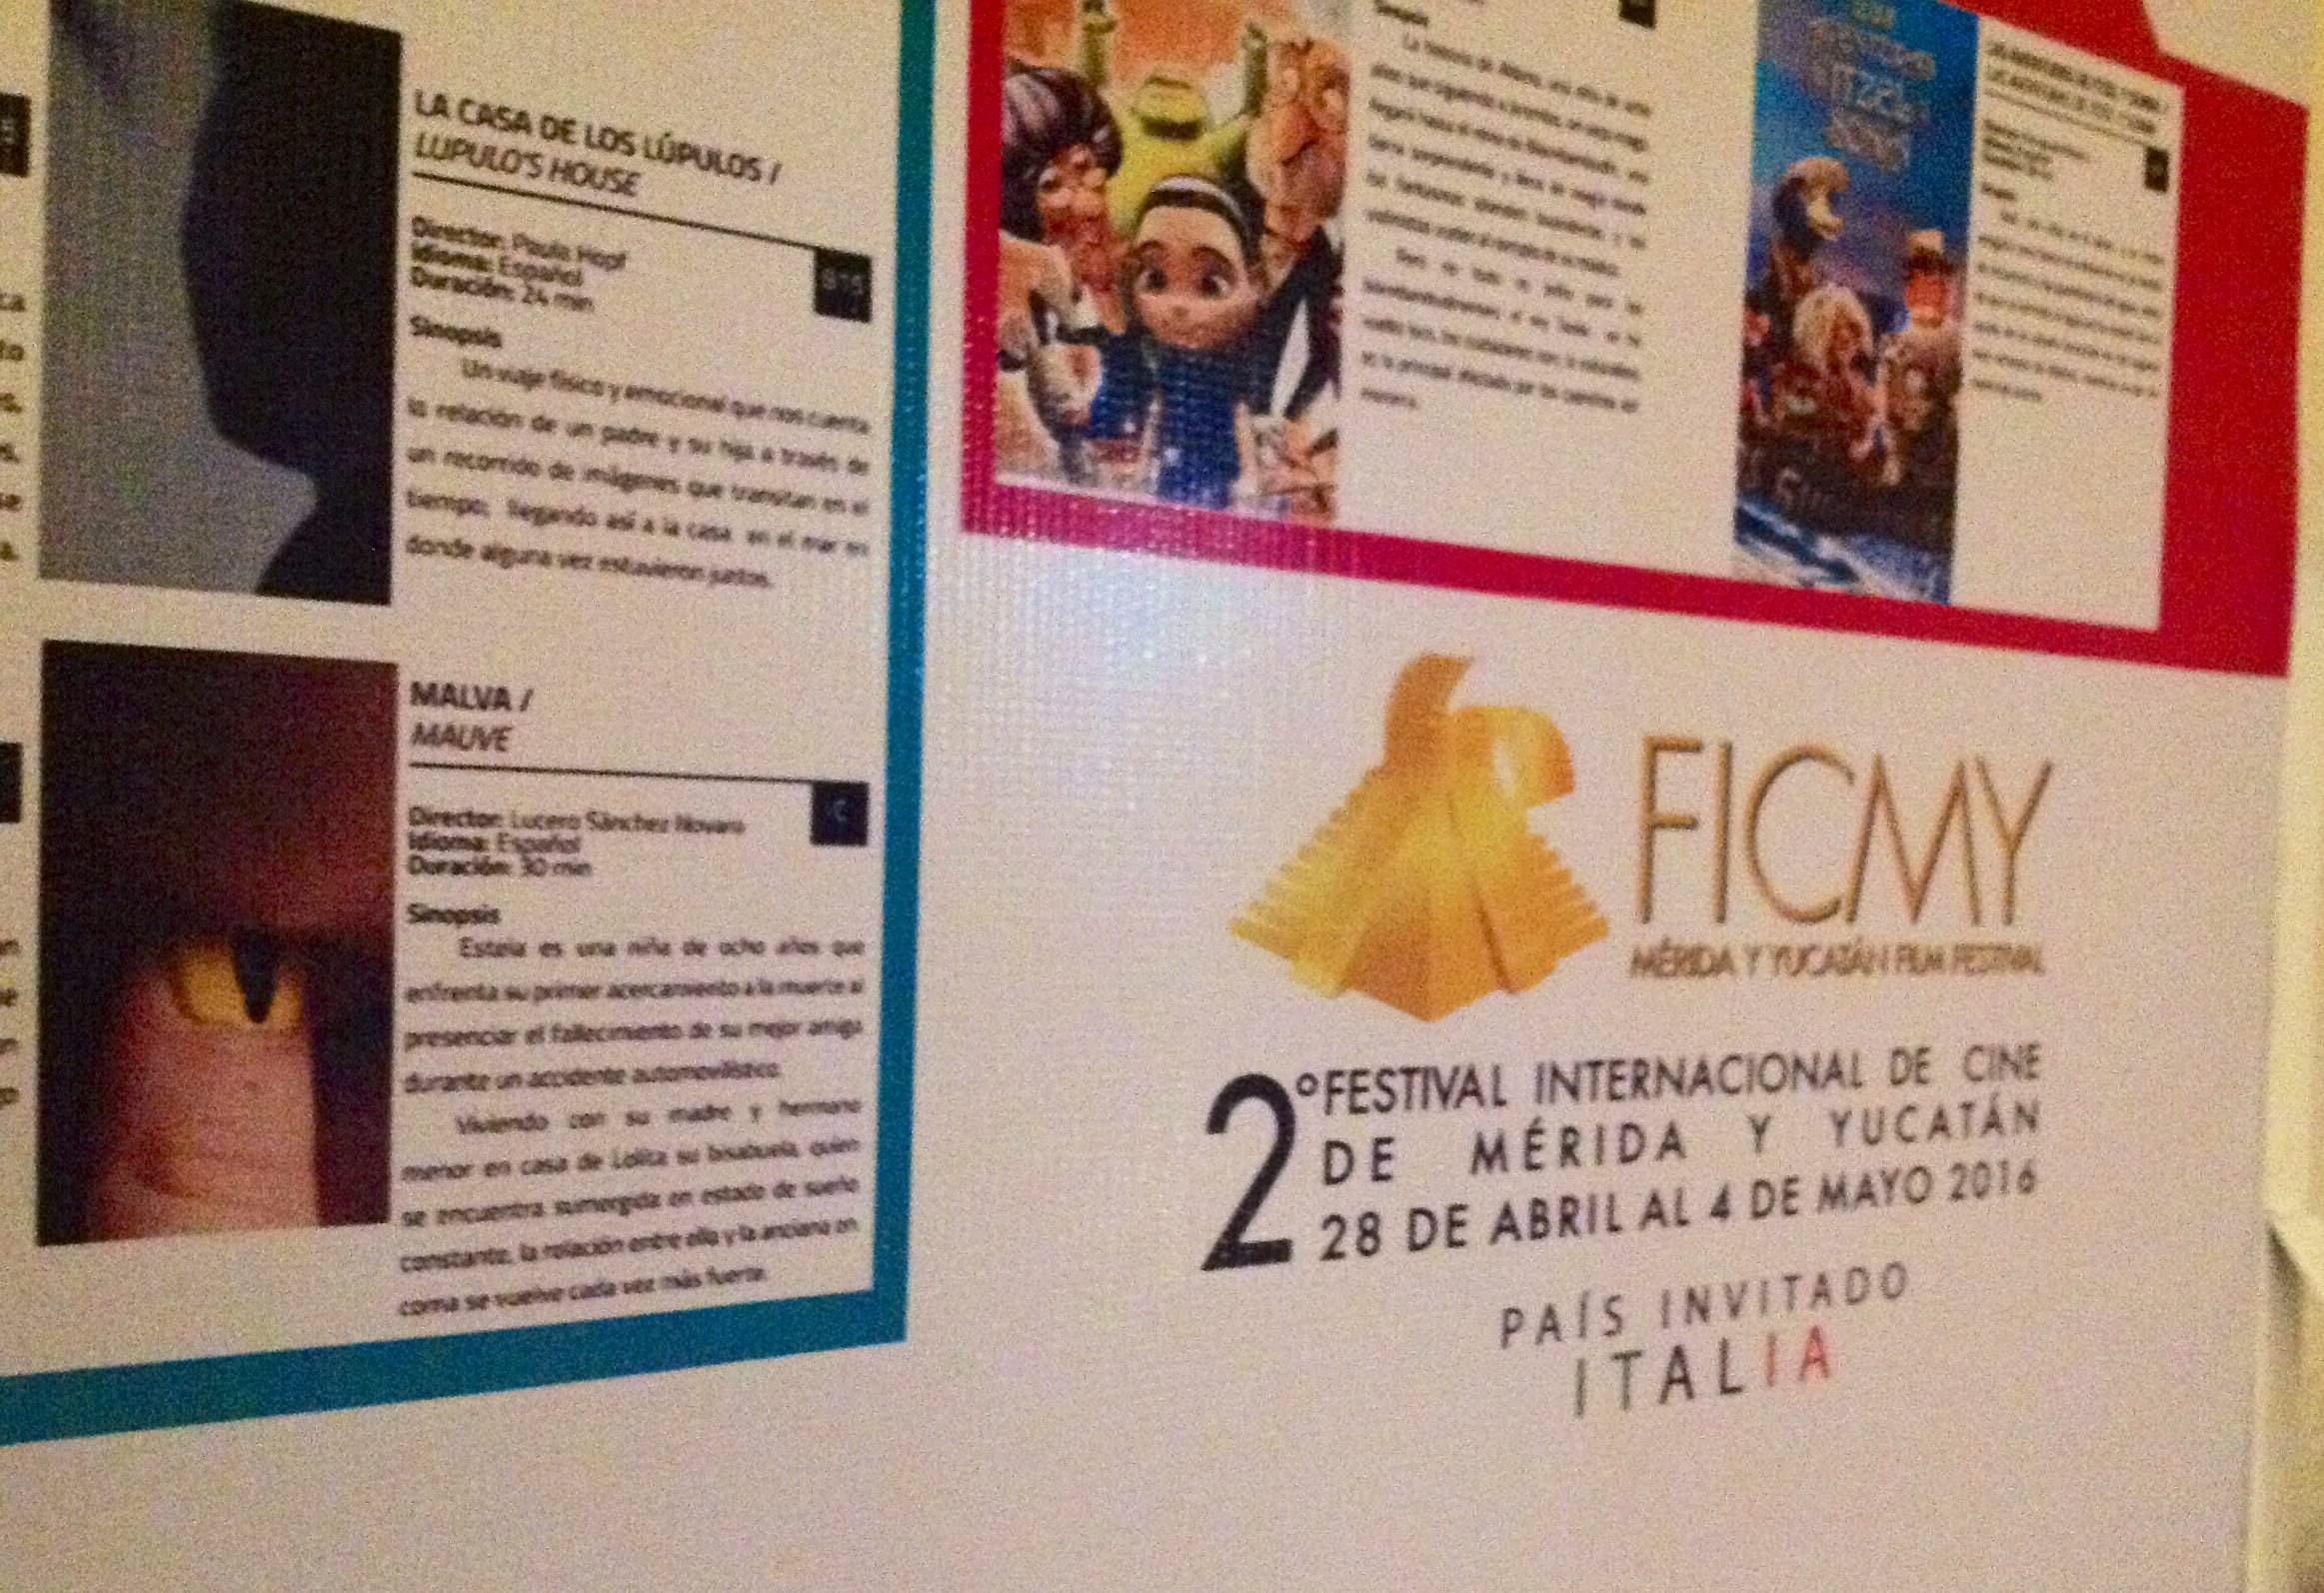 Un recorrido por el Festival Internacional de Cine de Mérida